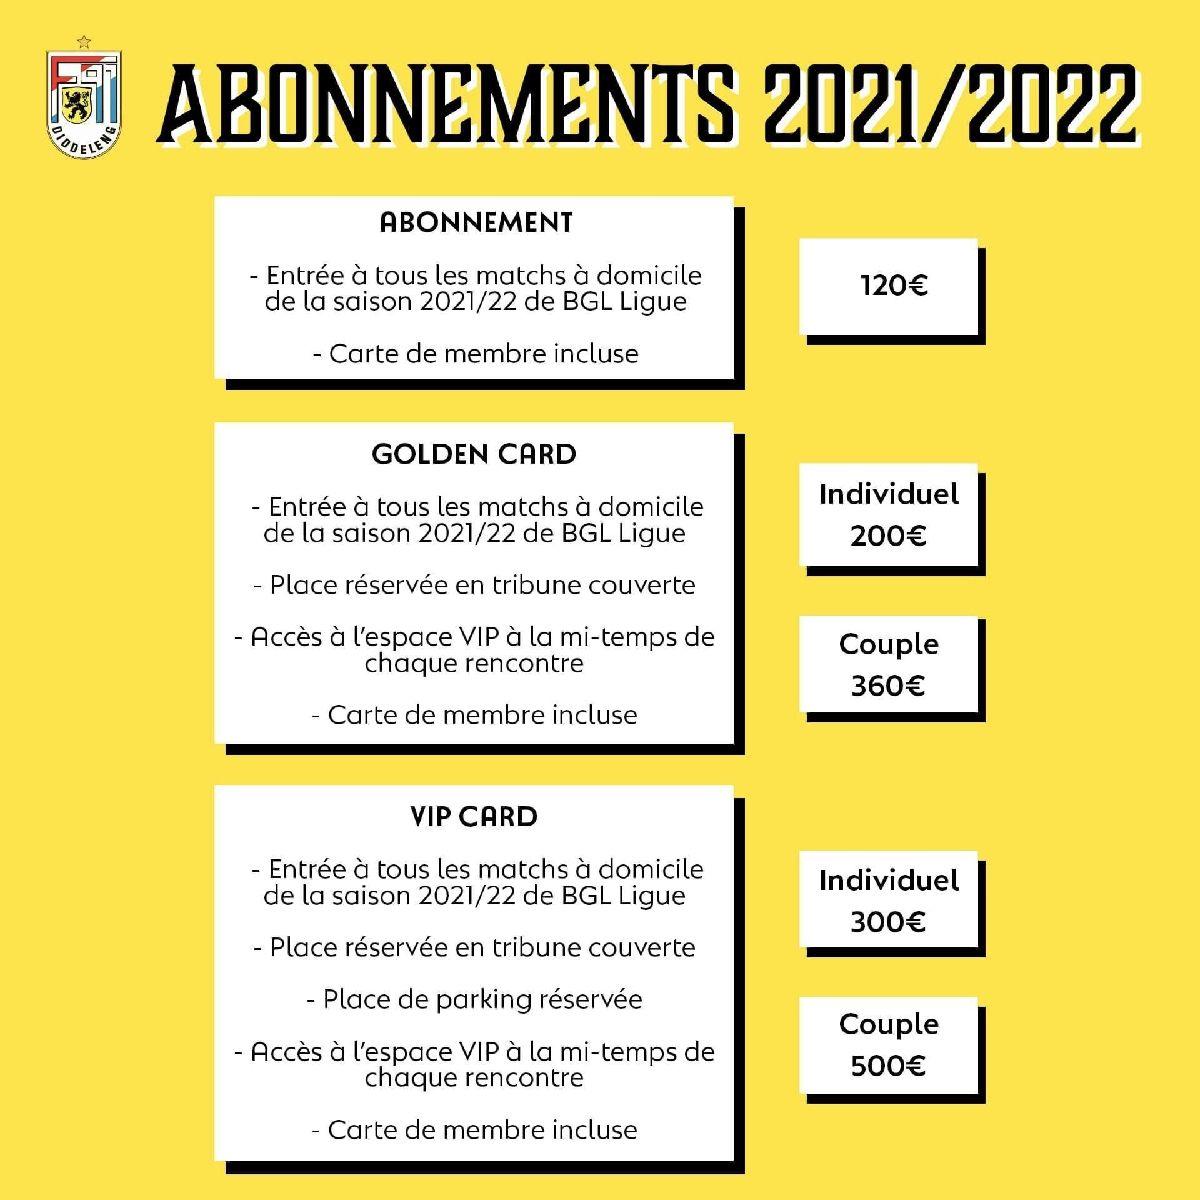 Abonnements Saison 2021/2022, c'est parti !